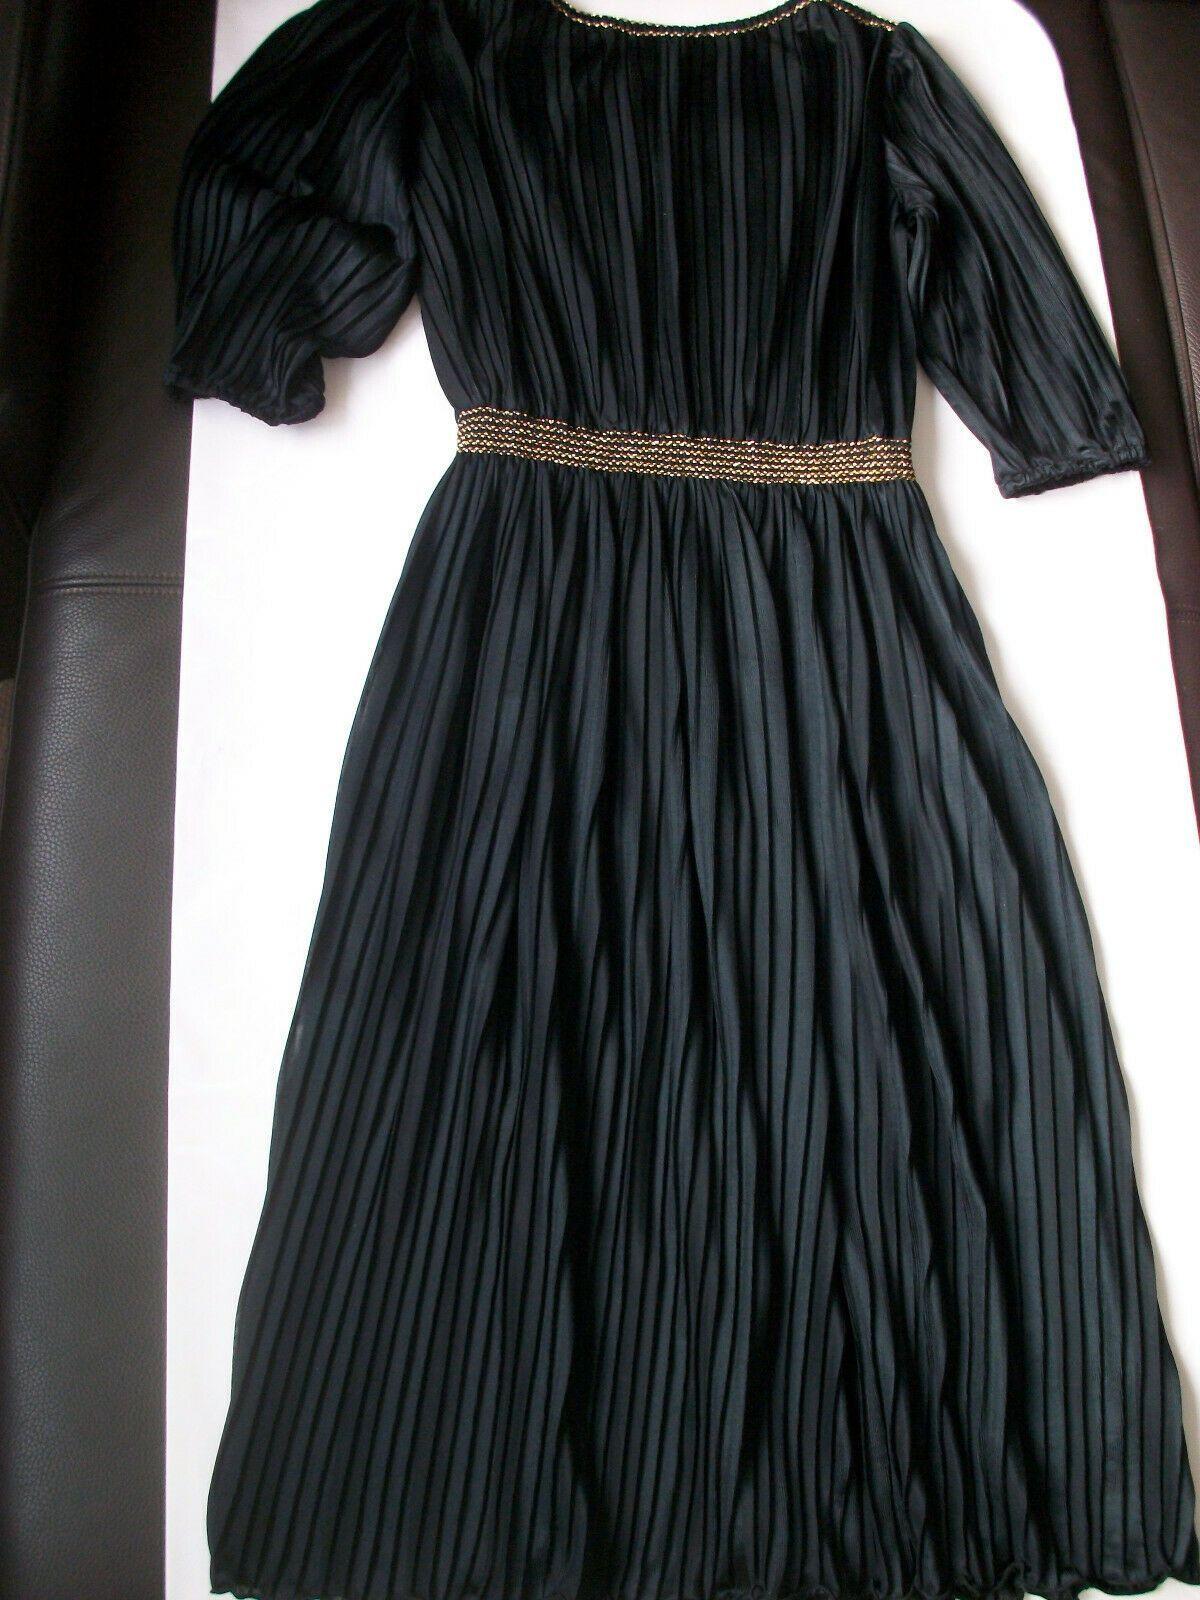 Schickes Plissee Kleid Abendkleid schwarz Cocktail Party festlich